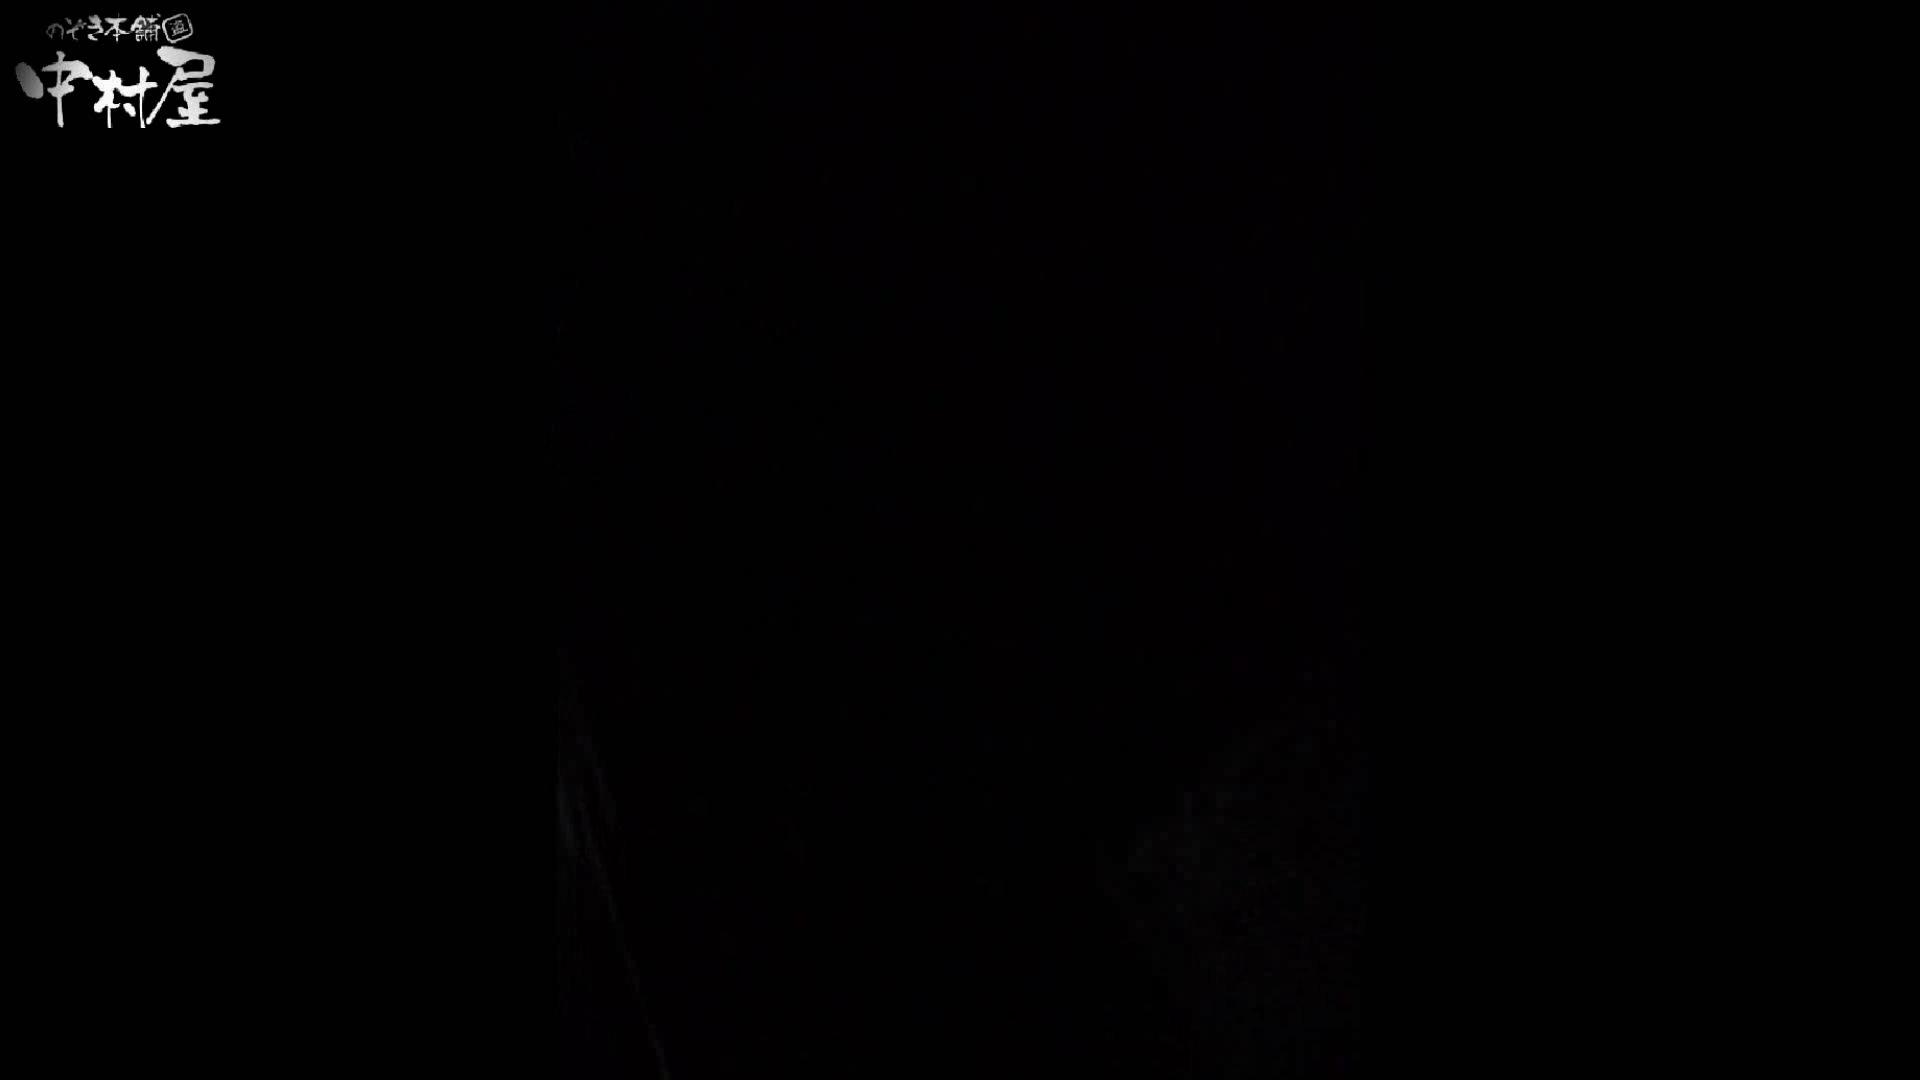 民家風呂専門盗撮師の超危険映像 vol.015 股間 のぞき動画キャプチャ 99PIX 7